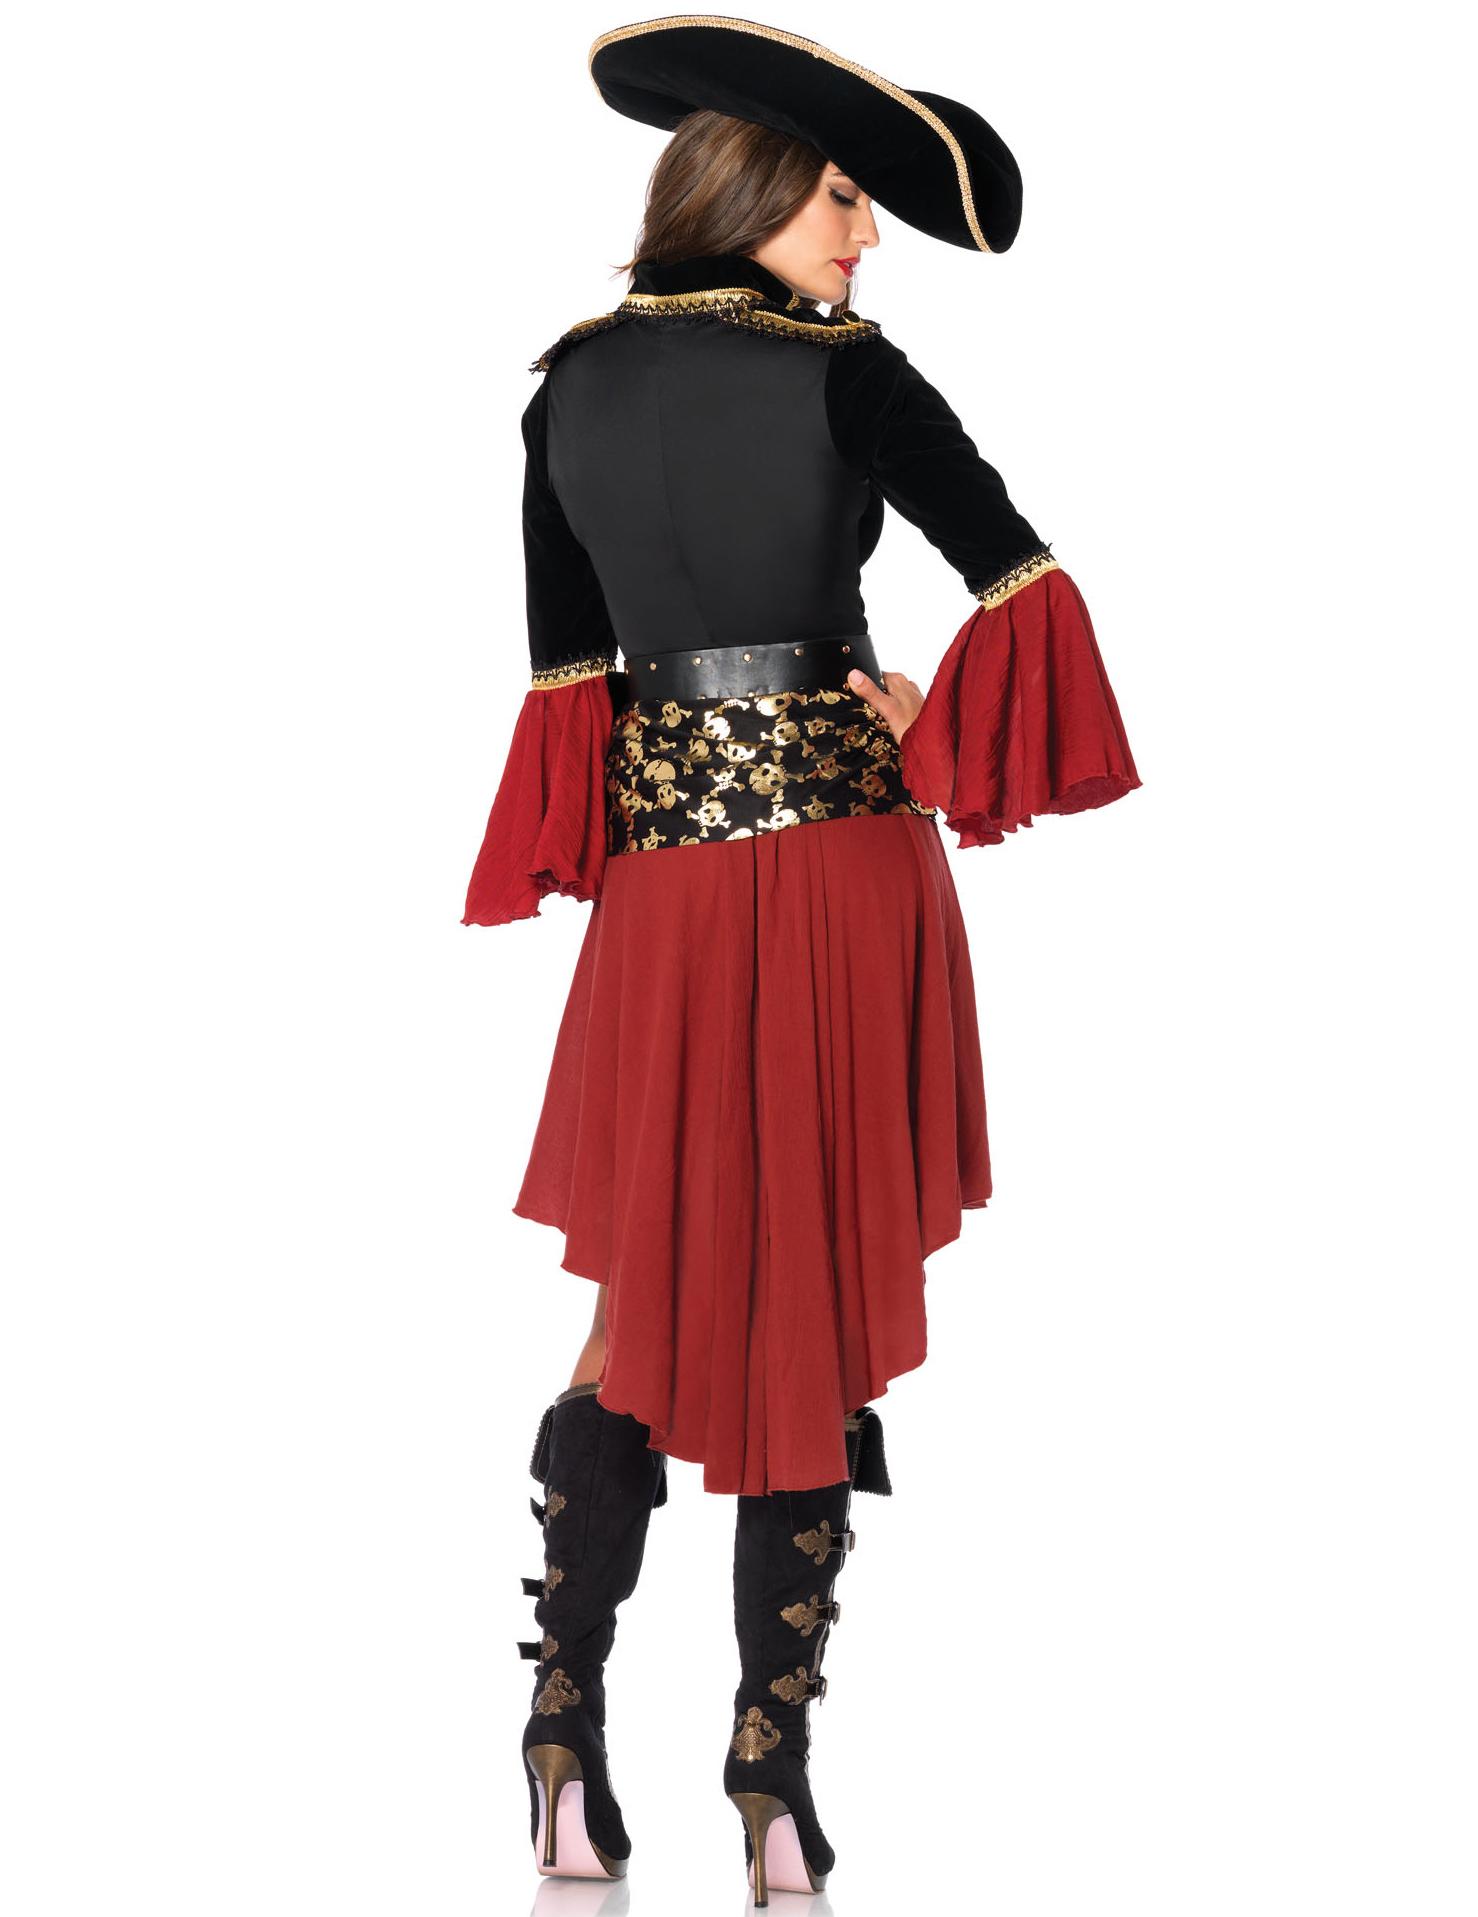 Disfraz de pirata bucanera mujer: Disfraces adultos,y disfraces originales baratos - Vegaoo